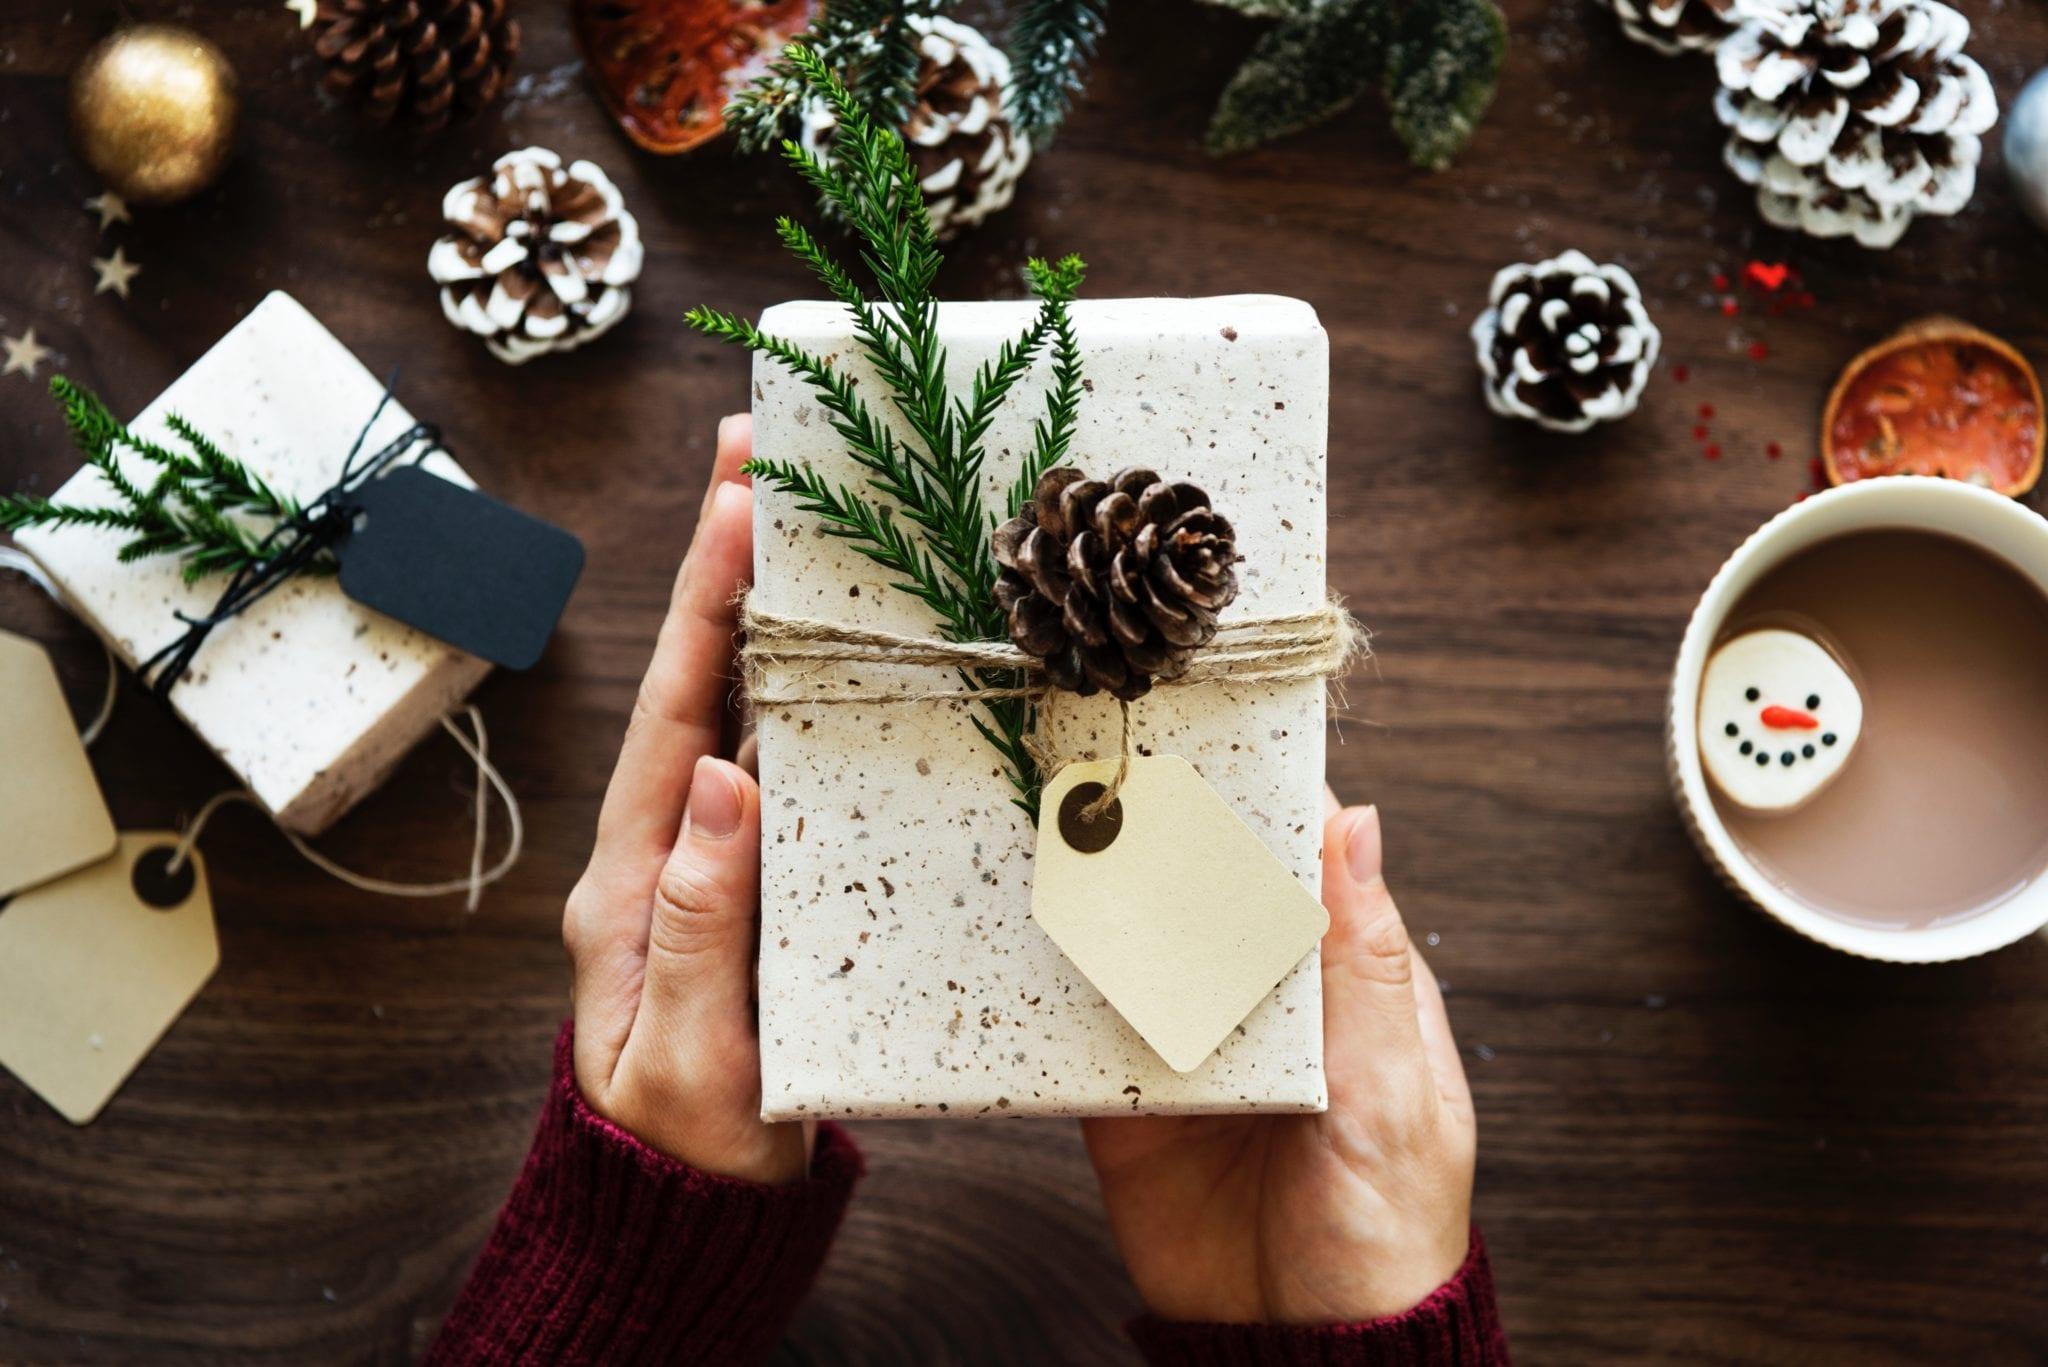 ส่งความสุข ปีใหม่ ไอเดียของขวัญปีใหม่ ไอเดียของขวัญ